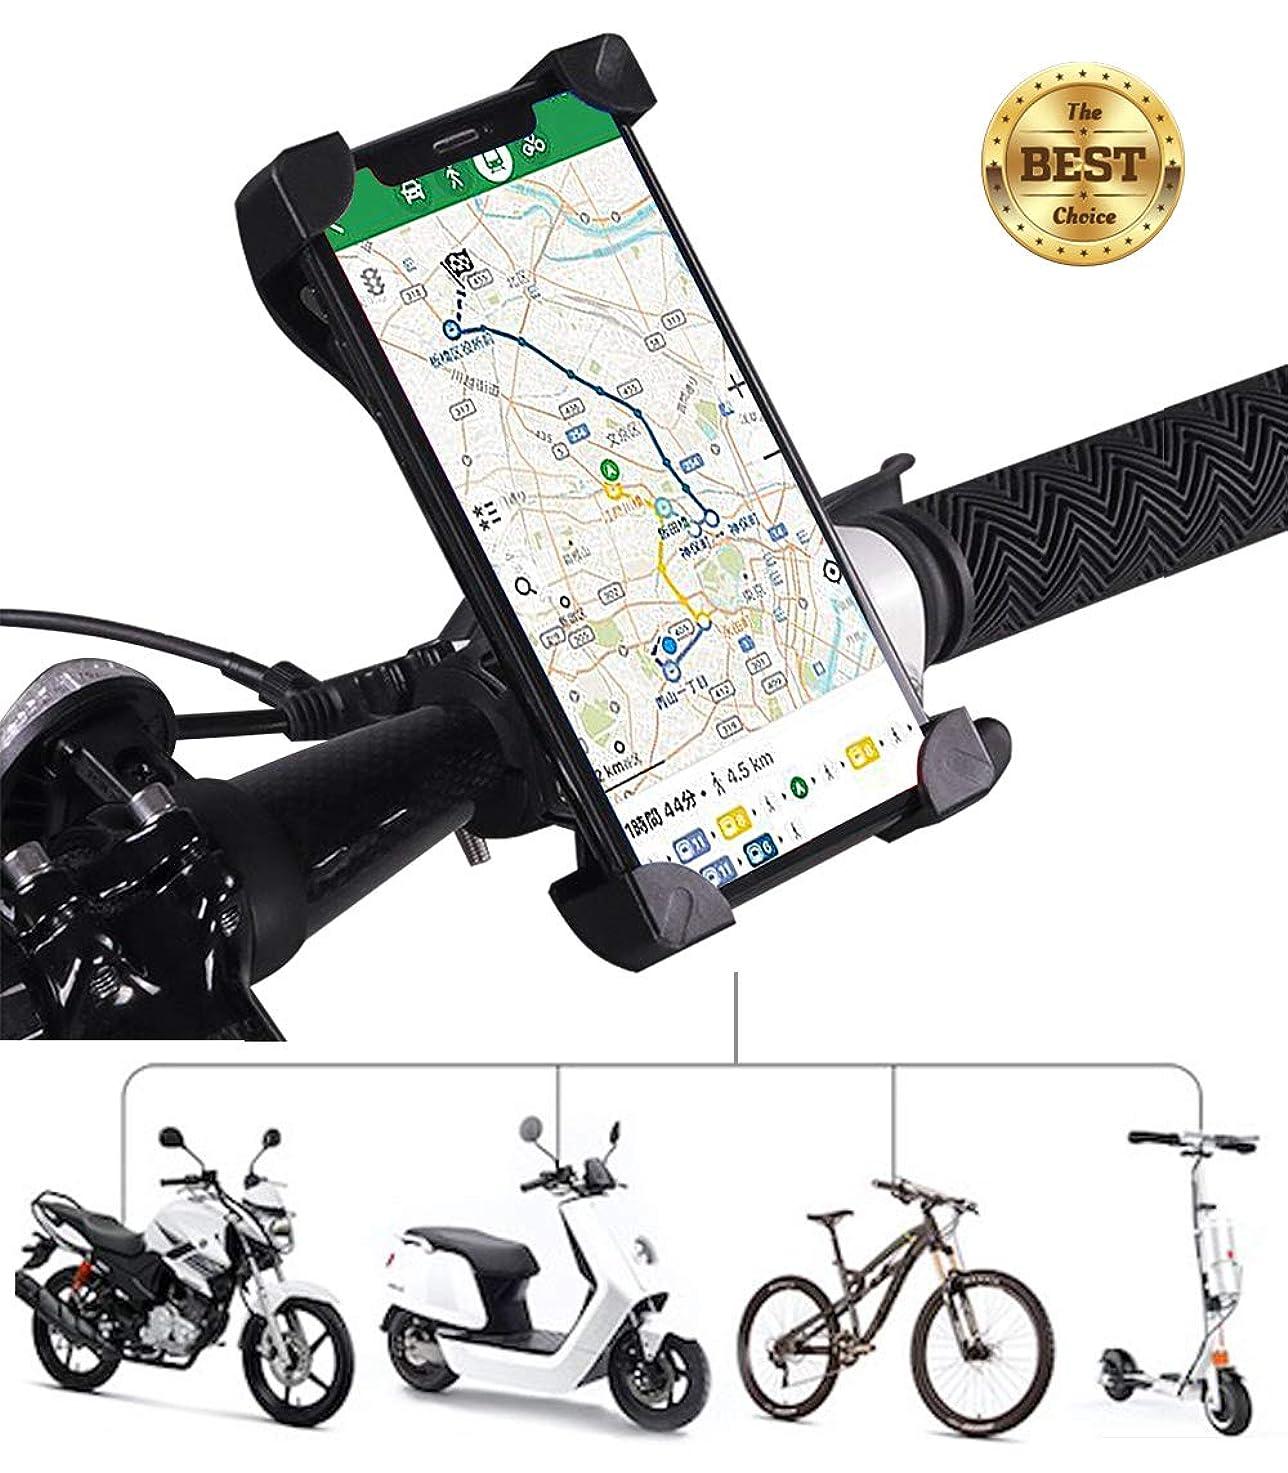 ヤギ農業フック自転車 スマホ ホルダー 優れた耐久性 強力な保護 360度回転 振れ止め 脱落防止 固定用 マウント スタンド 騒音なし GPSナビ iPhoneX iPhone8、7、6Plus iPhone8、7、6 xperia 各種Androidに適し 多機種対応 角度調整 (ブラック)